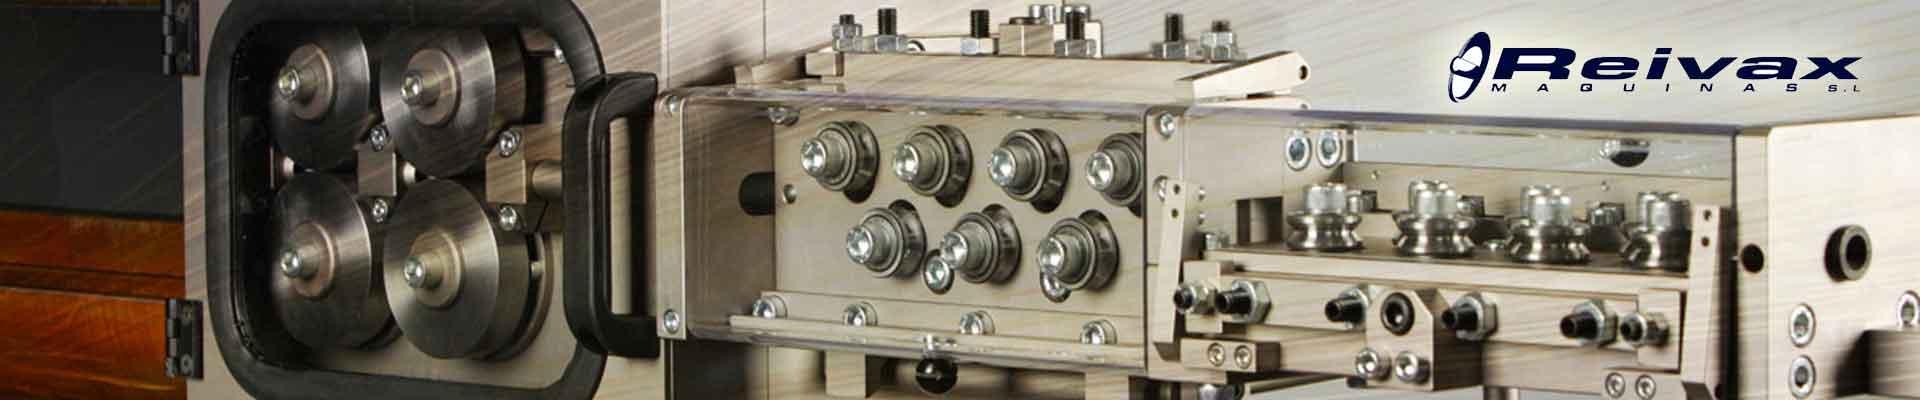 ワイヤー部品製造機